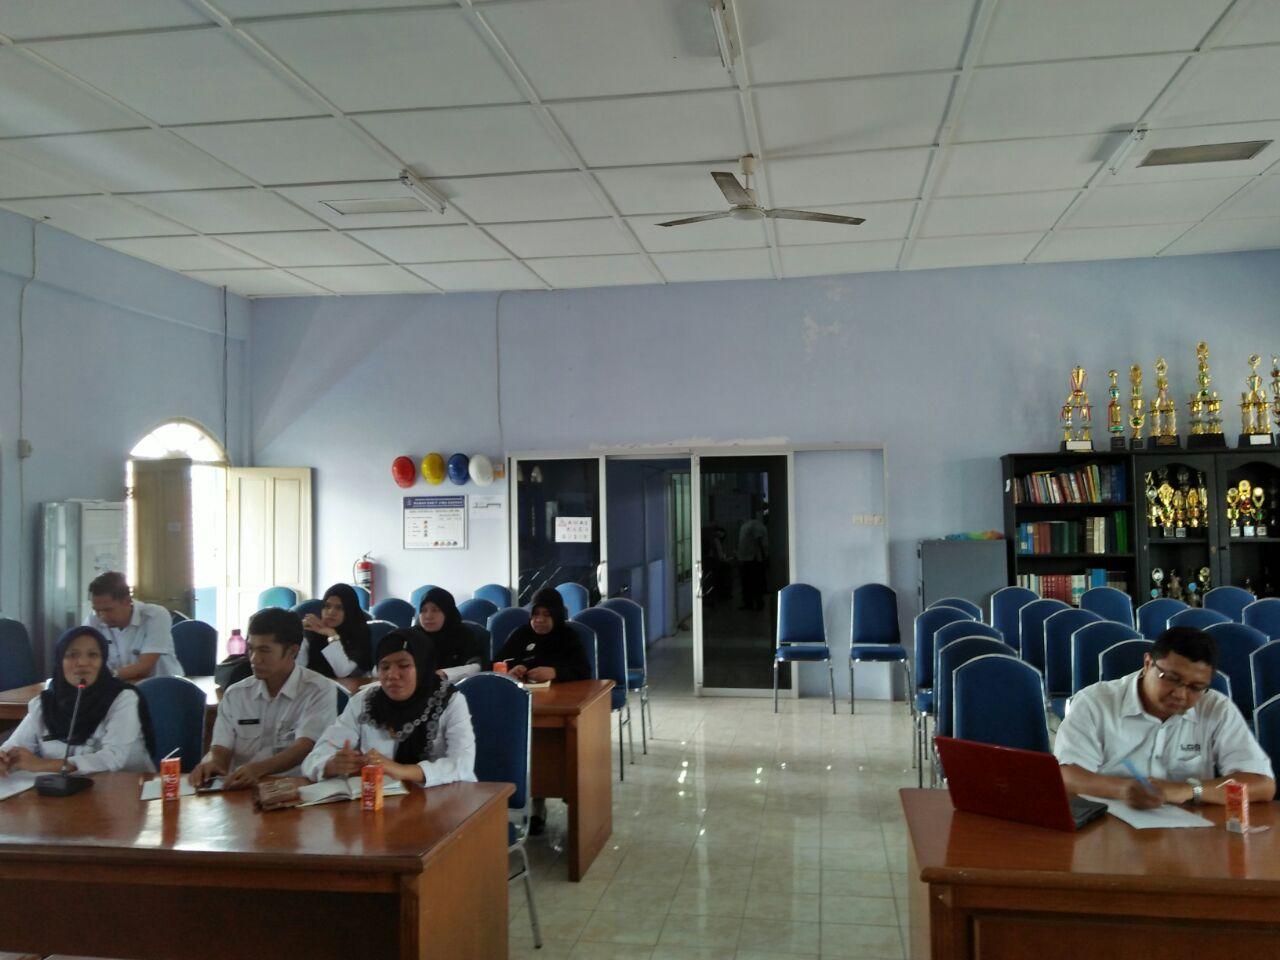 Rs Jiwa Daerah Provinsi Kepulauan Bangka Belitung